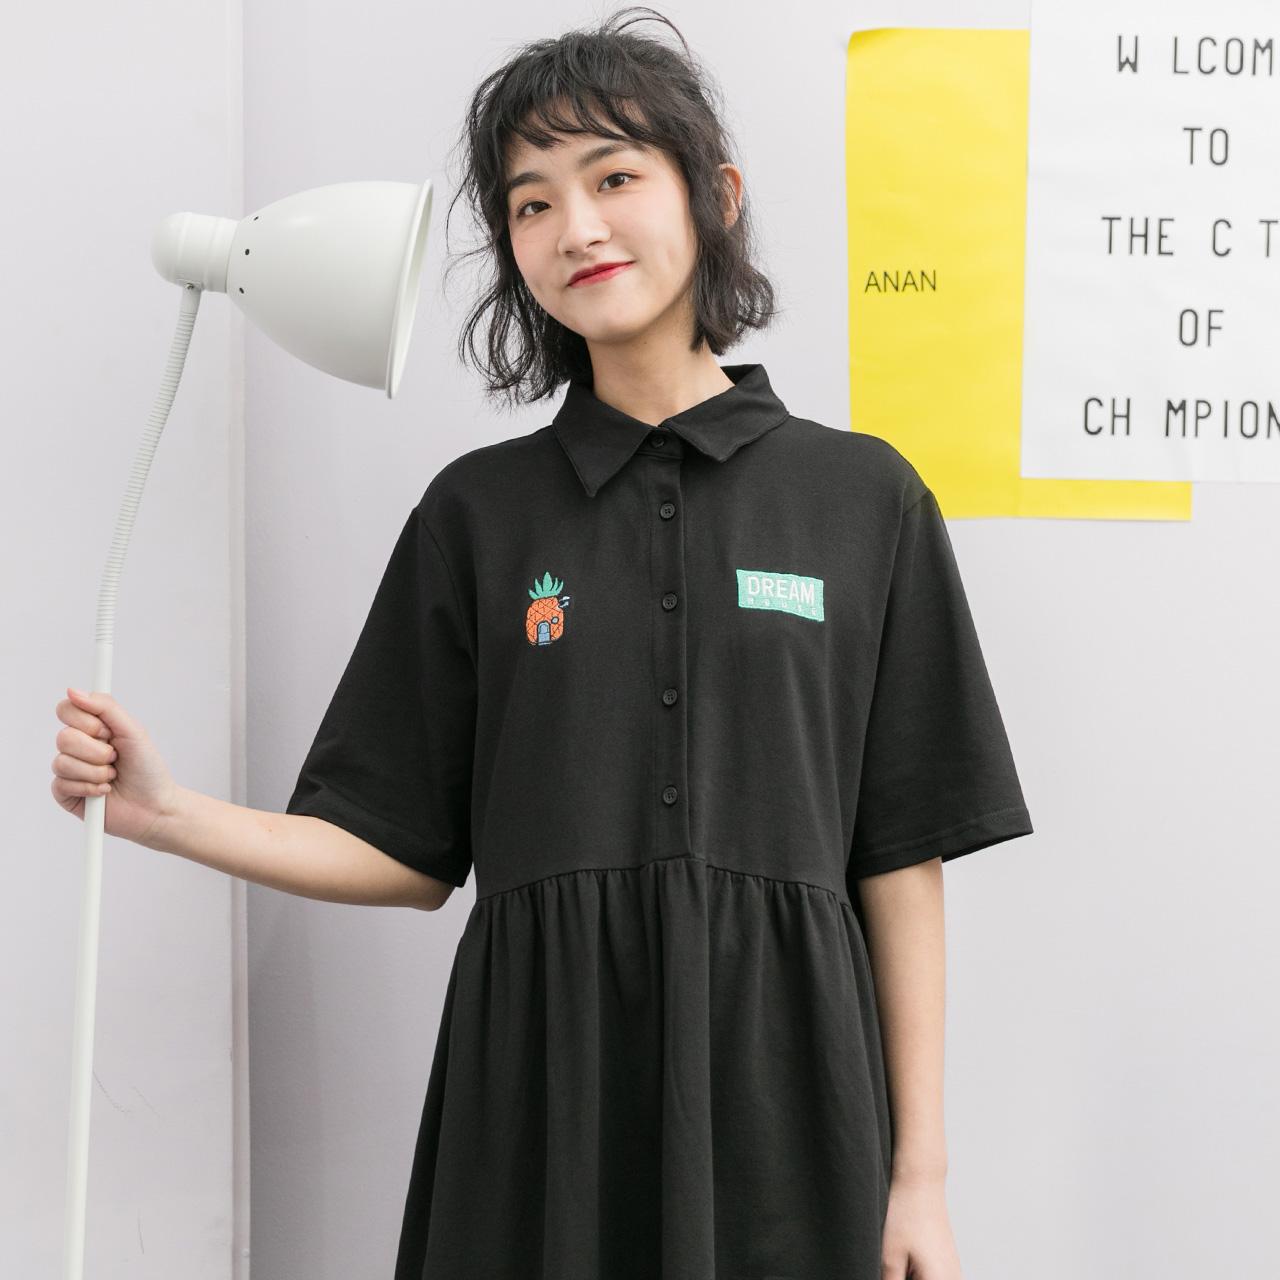 夏季冷淡风连衣裙女韩版裙子古着感学生中长款2019流行少女新款